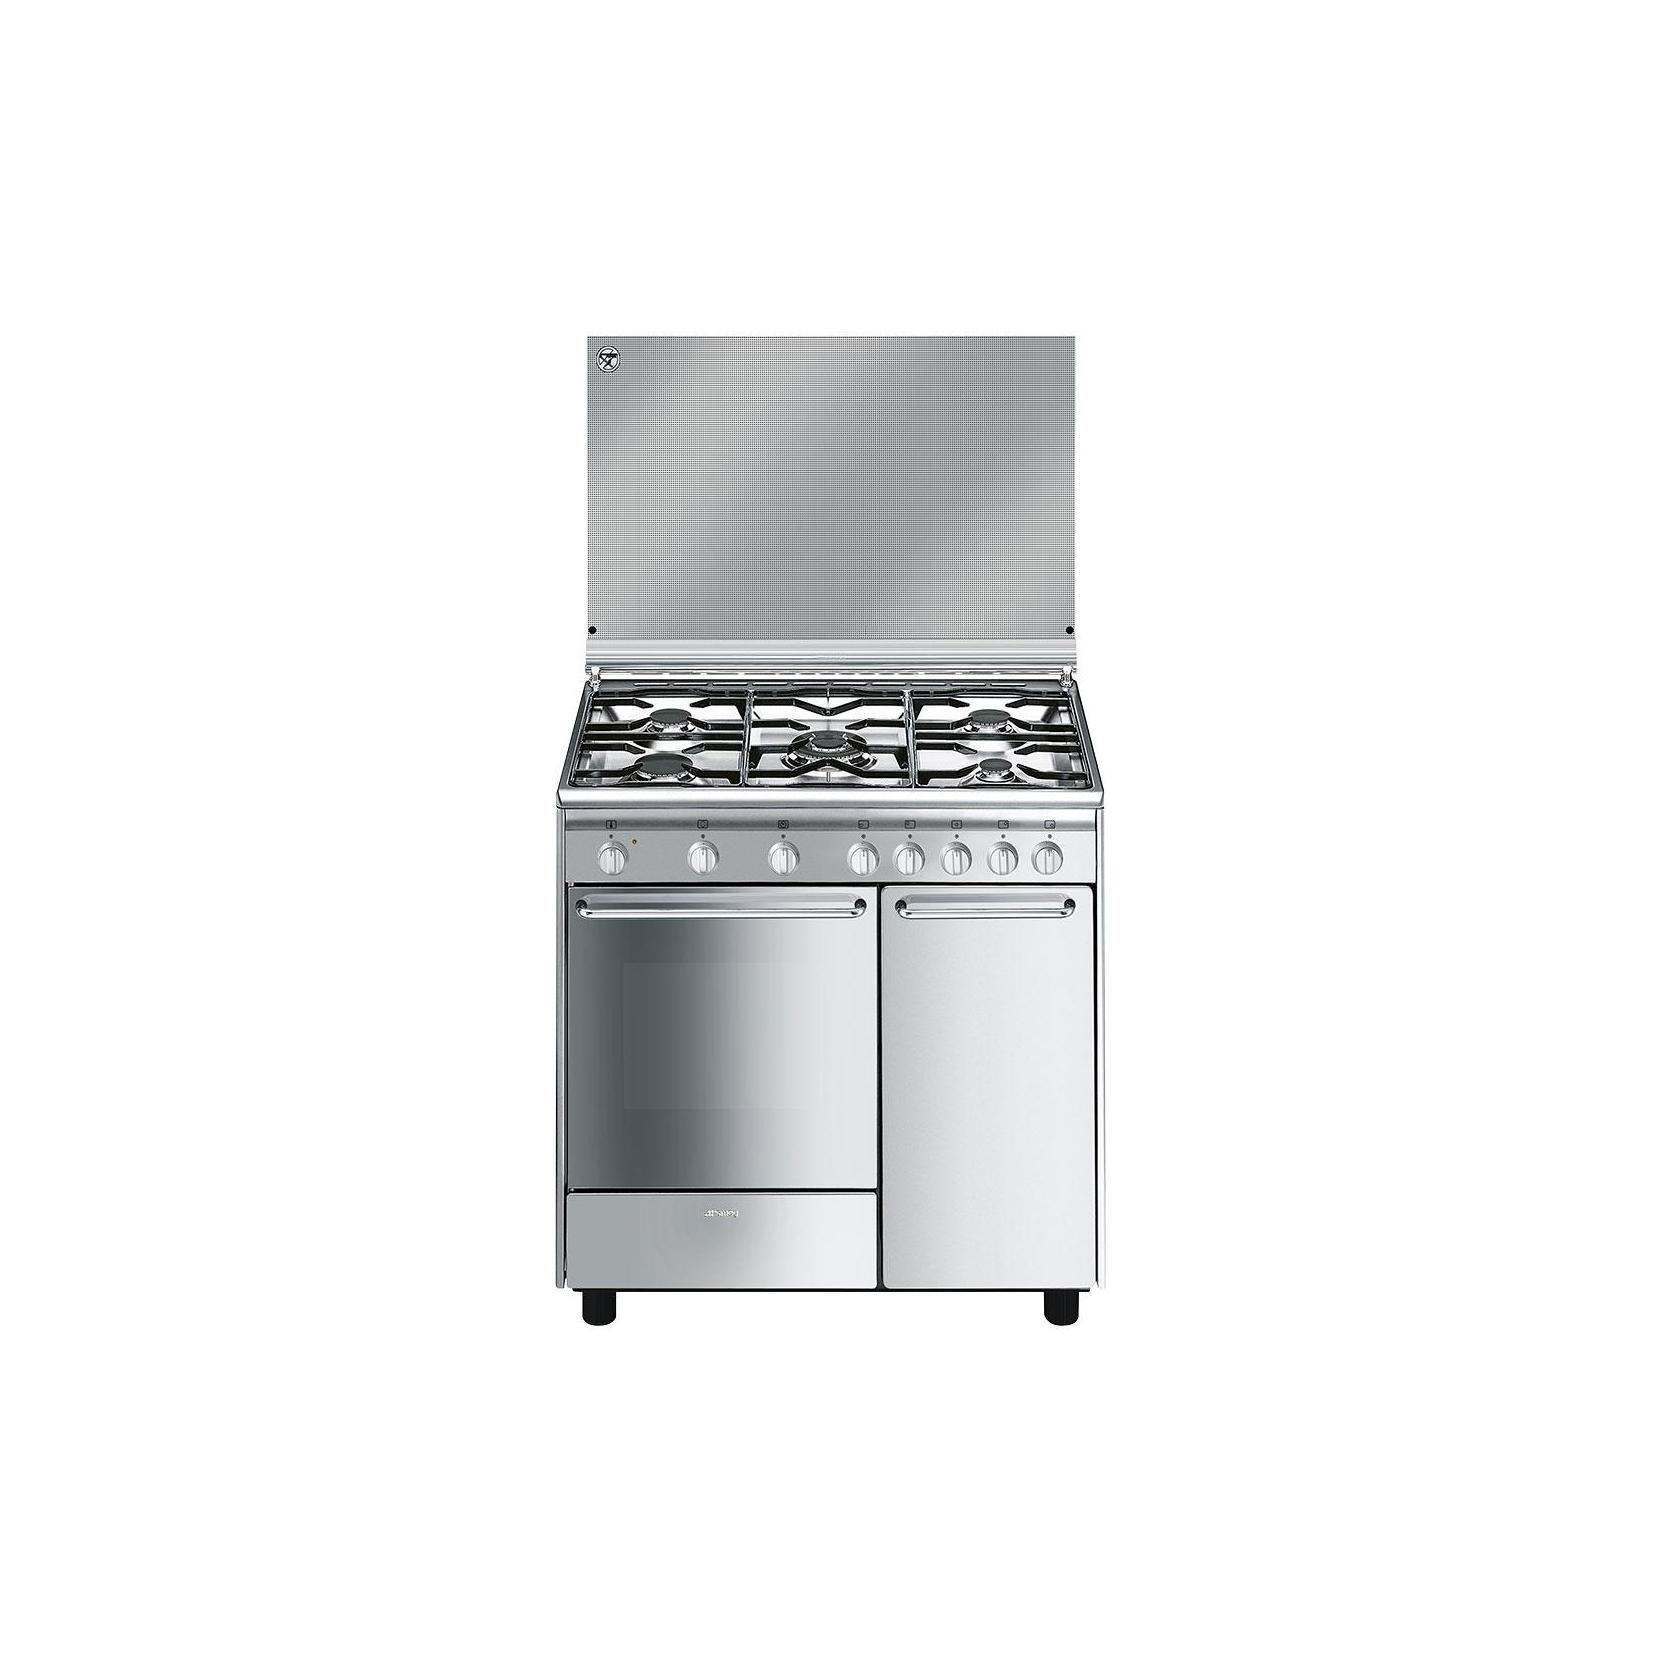 Smeg cx9sv2 cucina 90x60 inox 5 fuochi forno elettrico classe a garanzia italia promo - Cucine a gas samsung ...